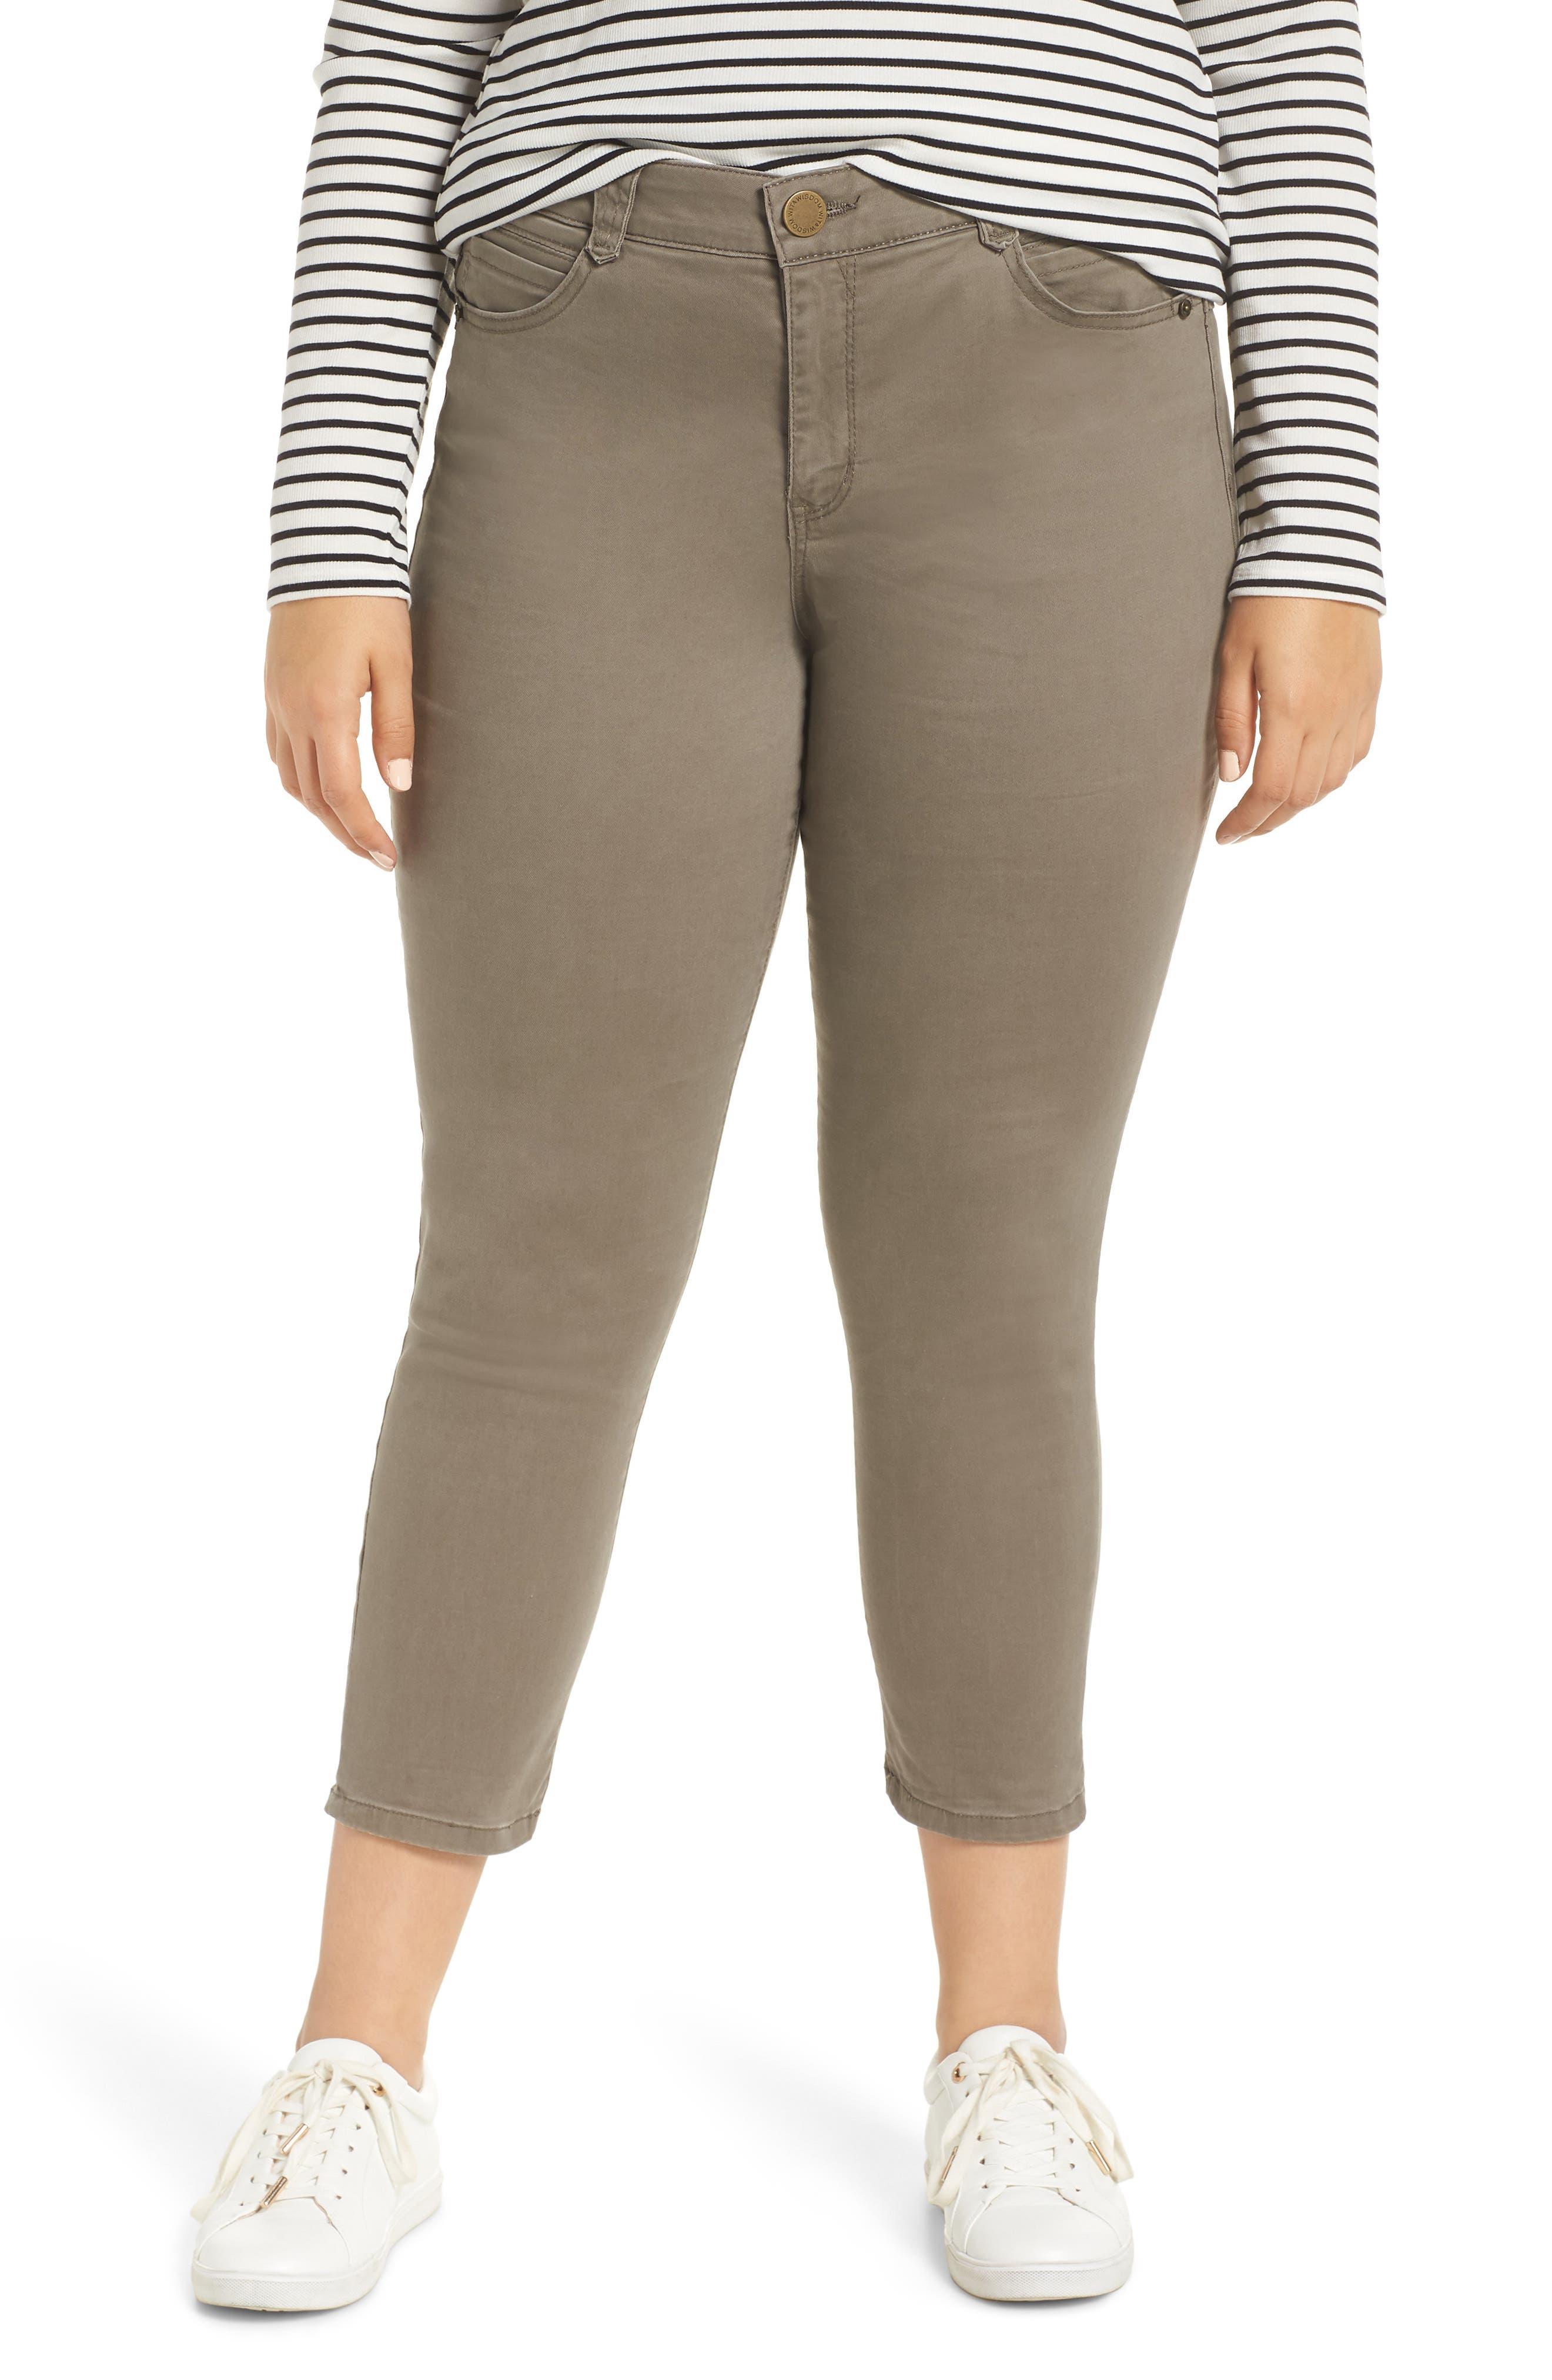 Green Nordstrom Women's amp; Leggings Pants OHxTnTU